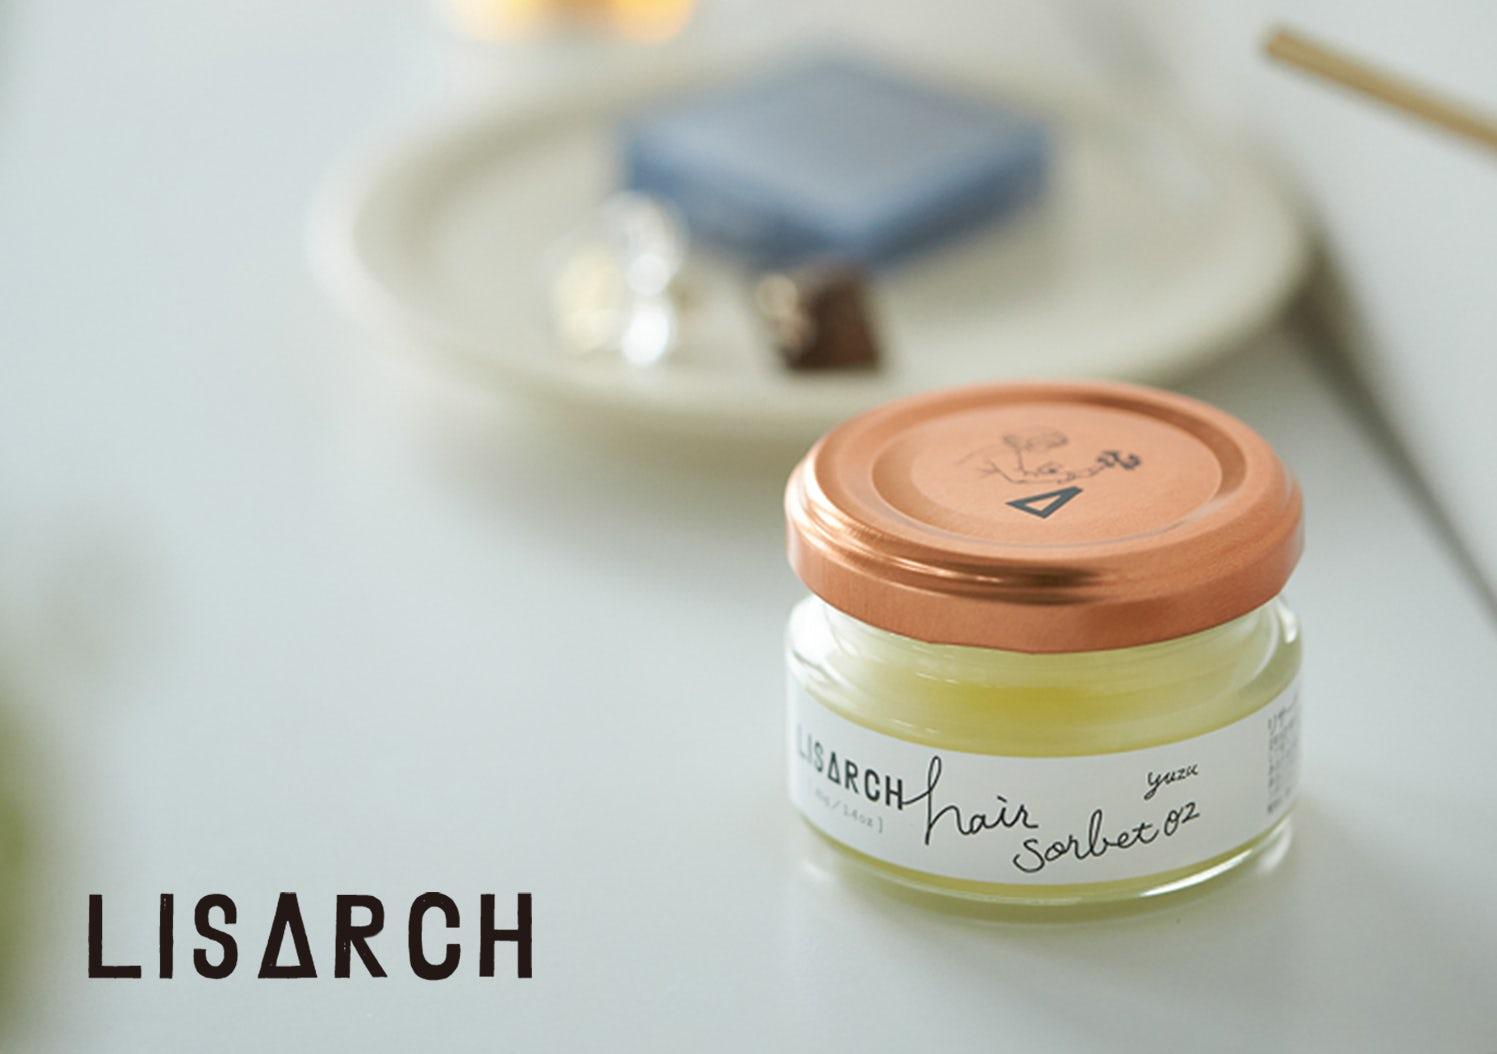 LISARCH / リサーチ / ヘアソルベの画像